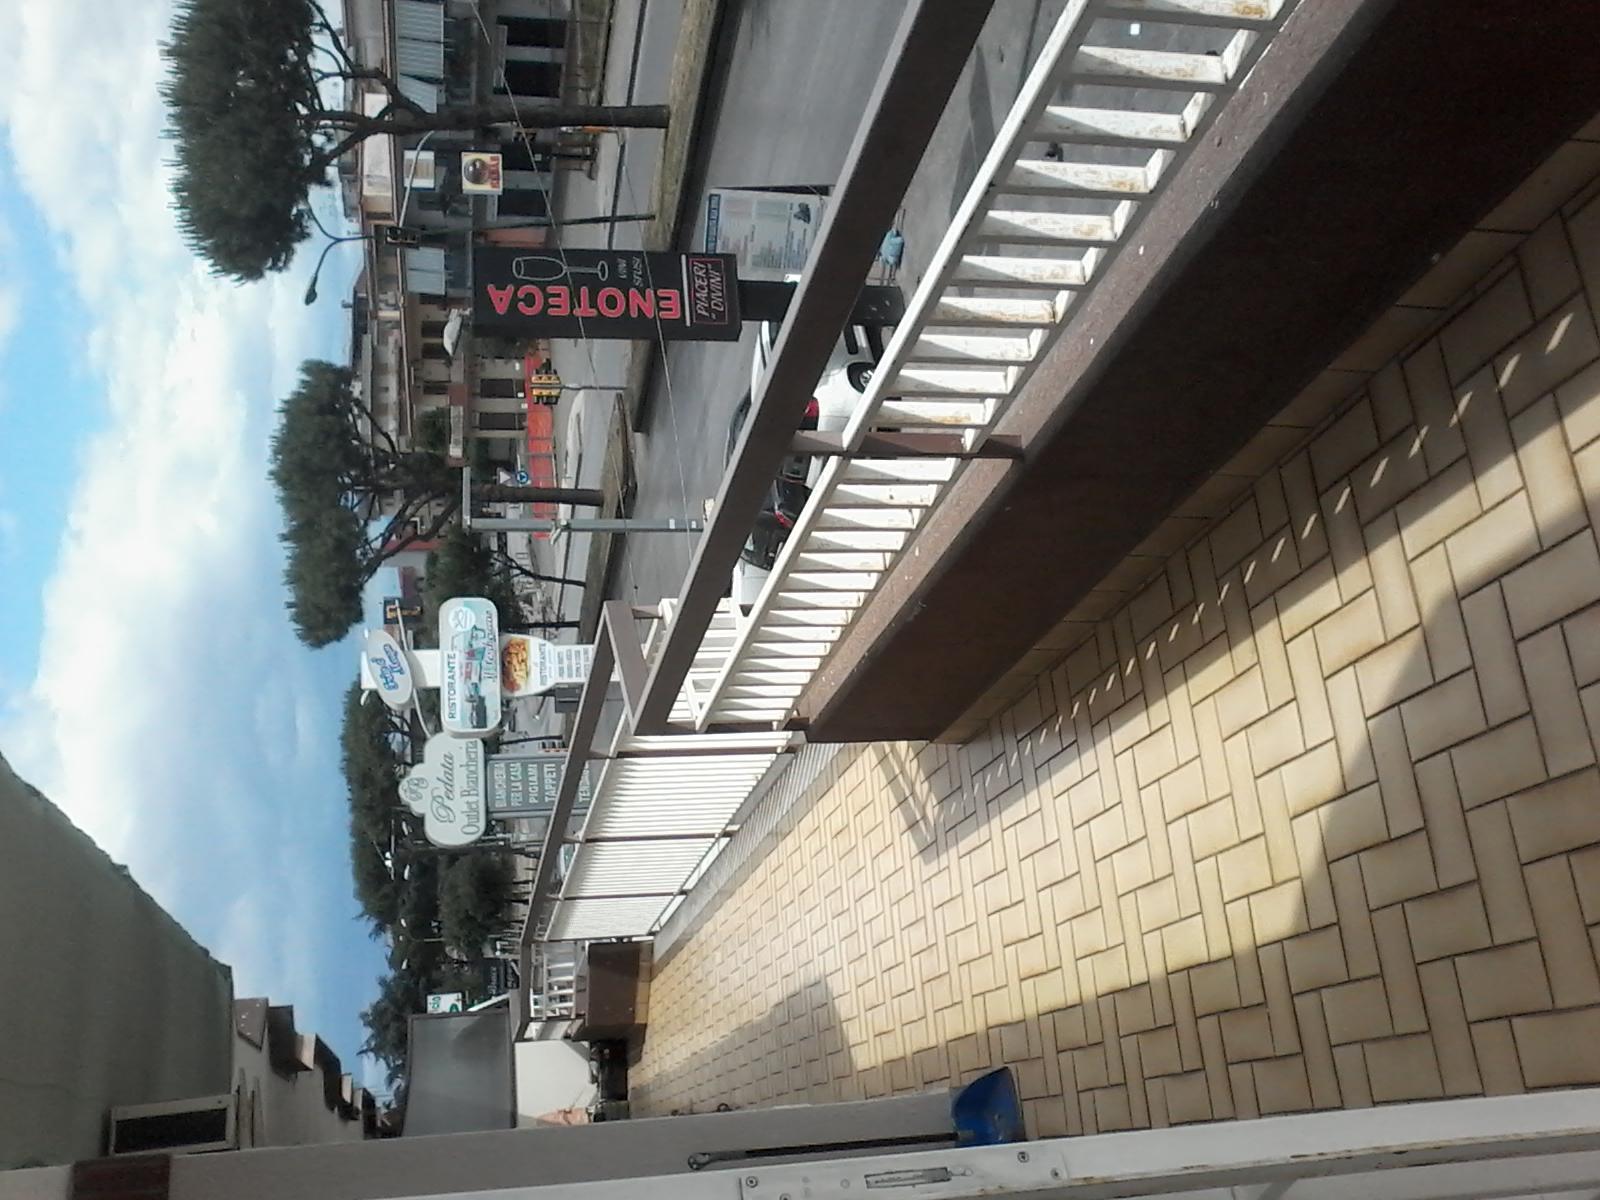 Casa alloggio florinda trova aziende cerca le aziende for Casa alloggio